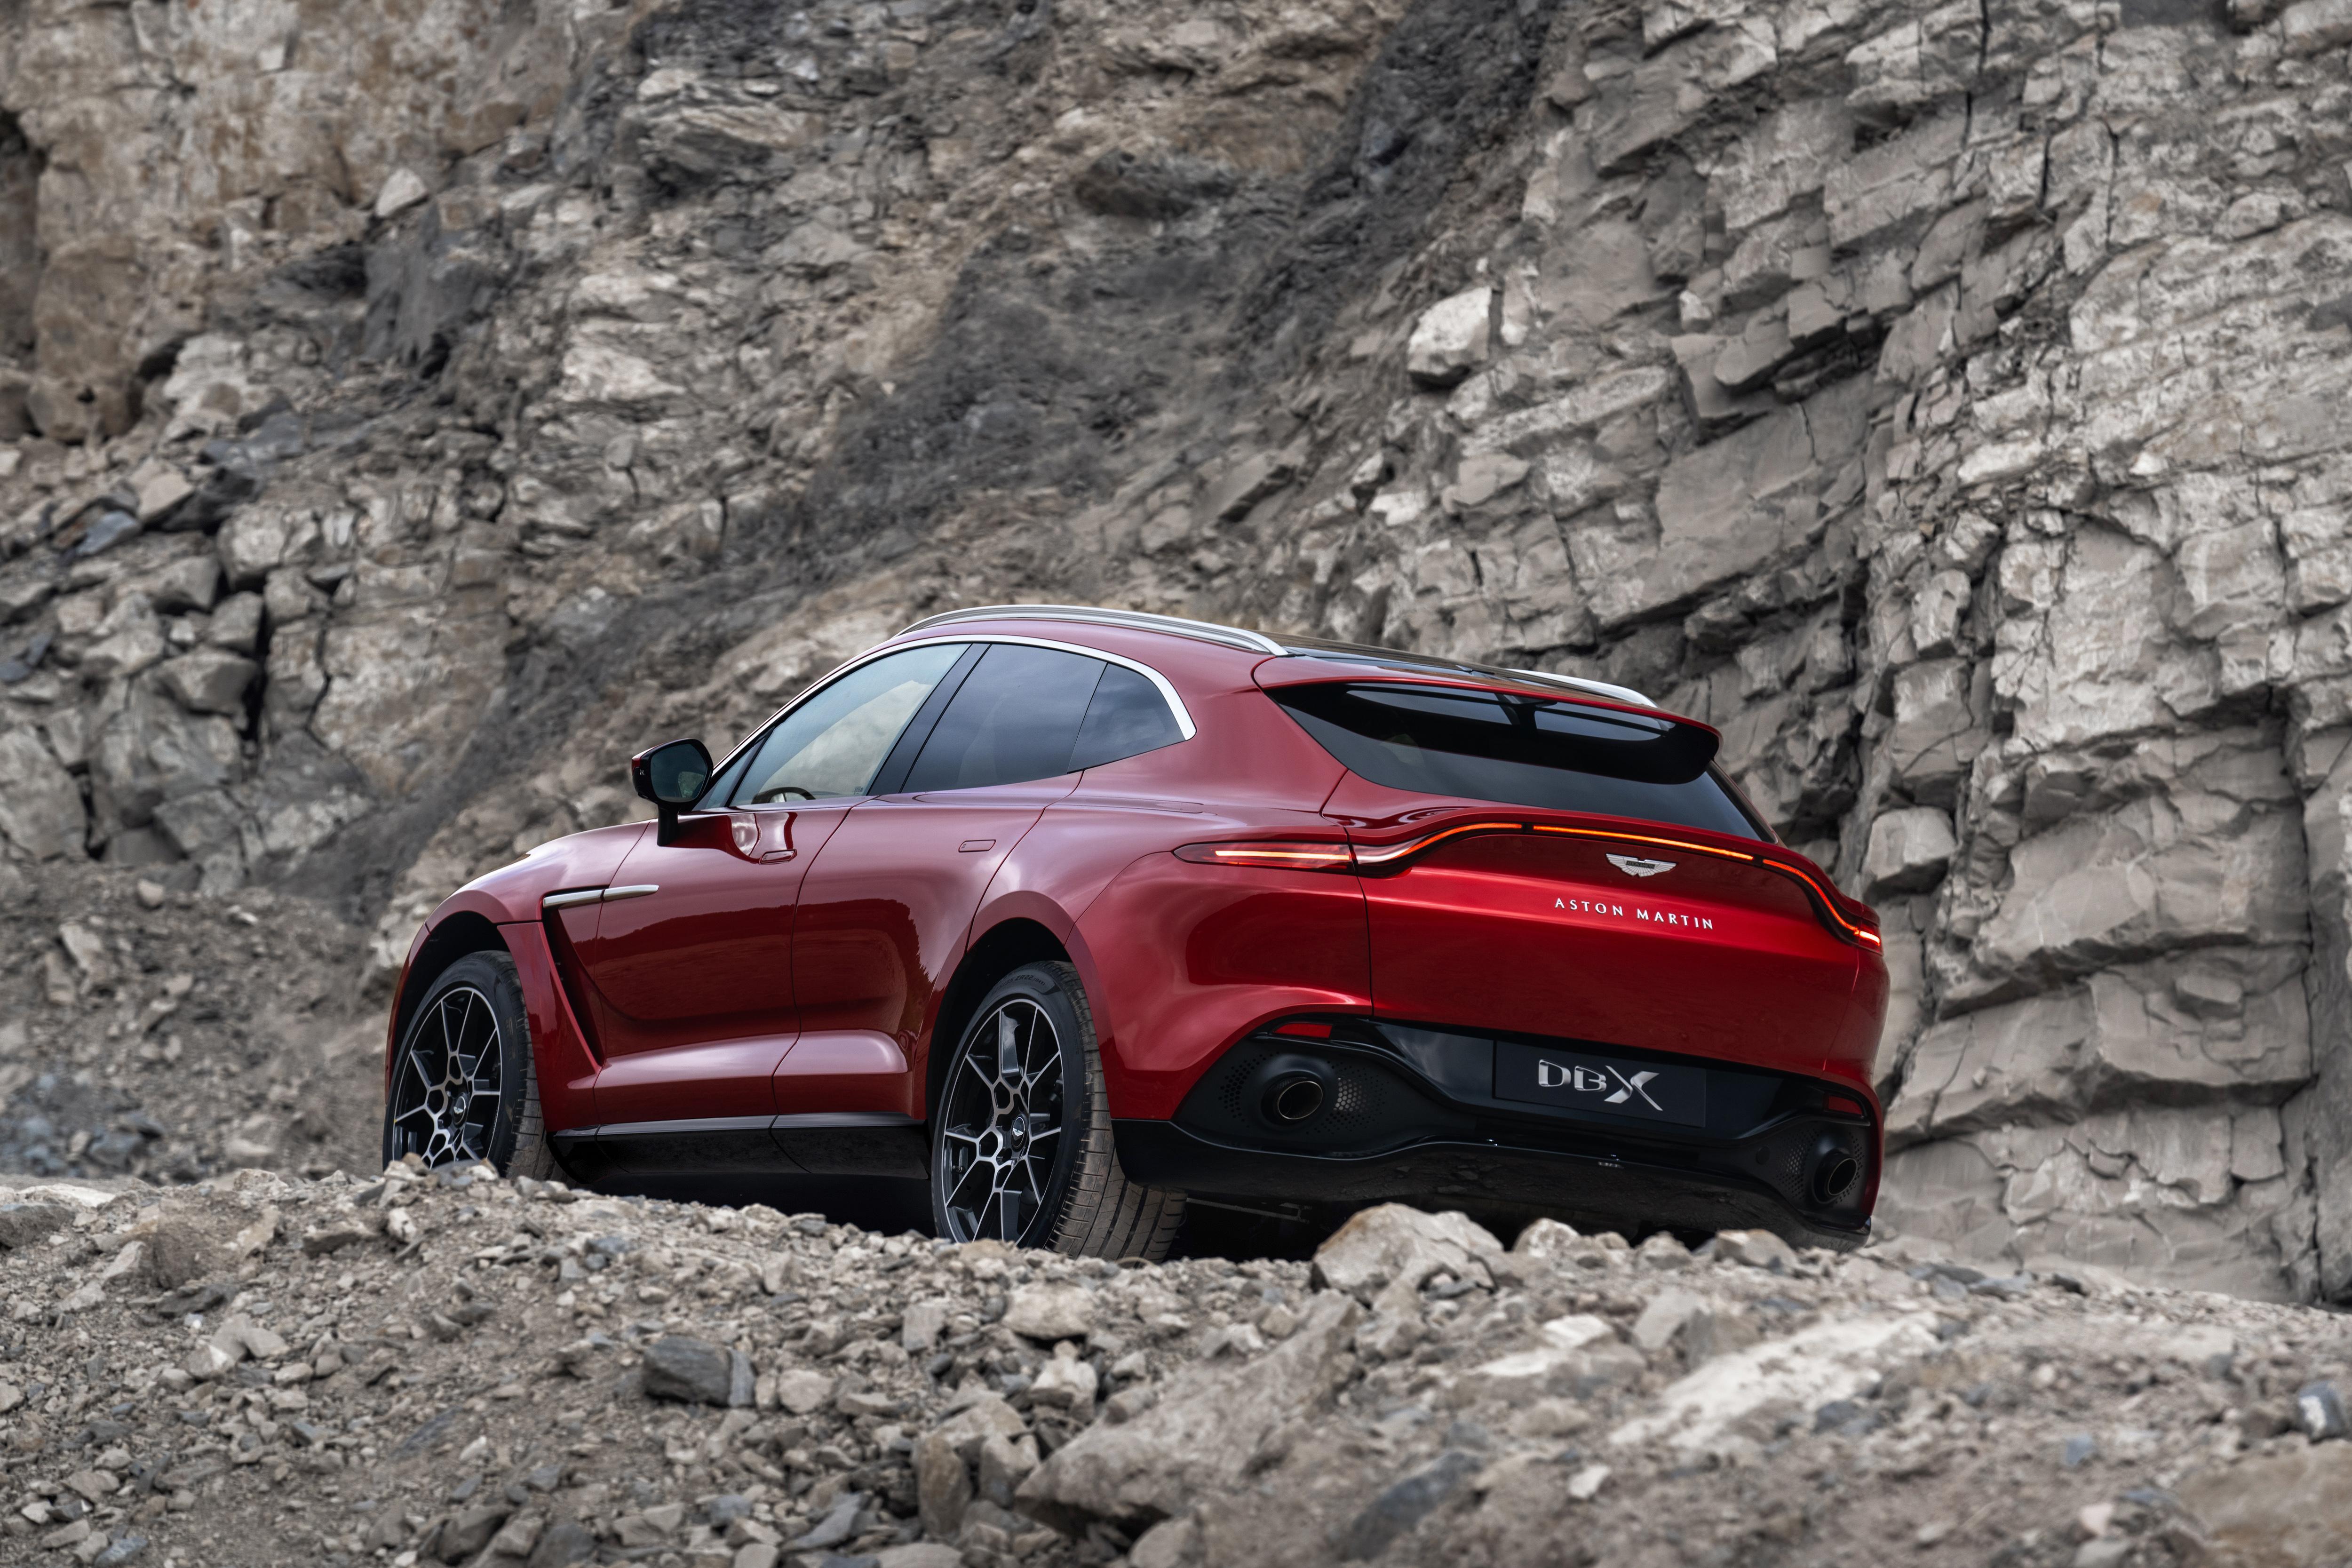 Aston Martin präsentiert sein erstes SUV - den DBX